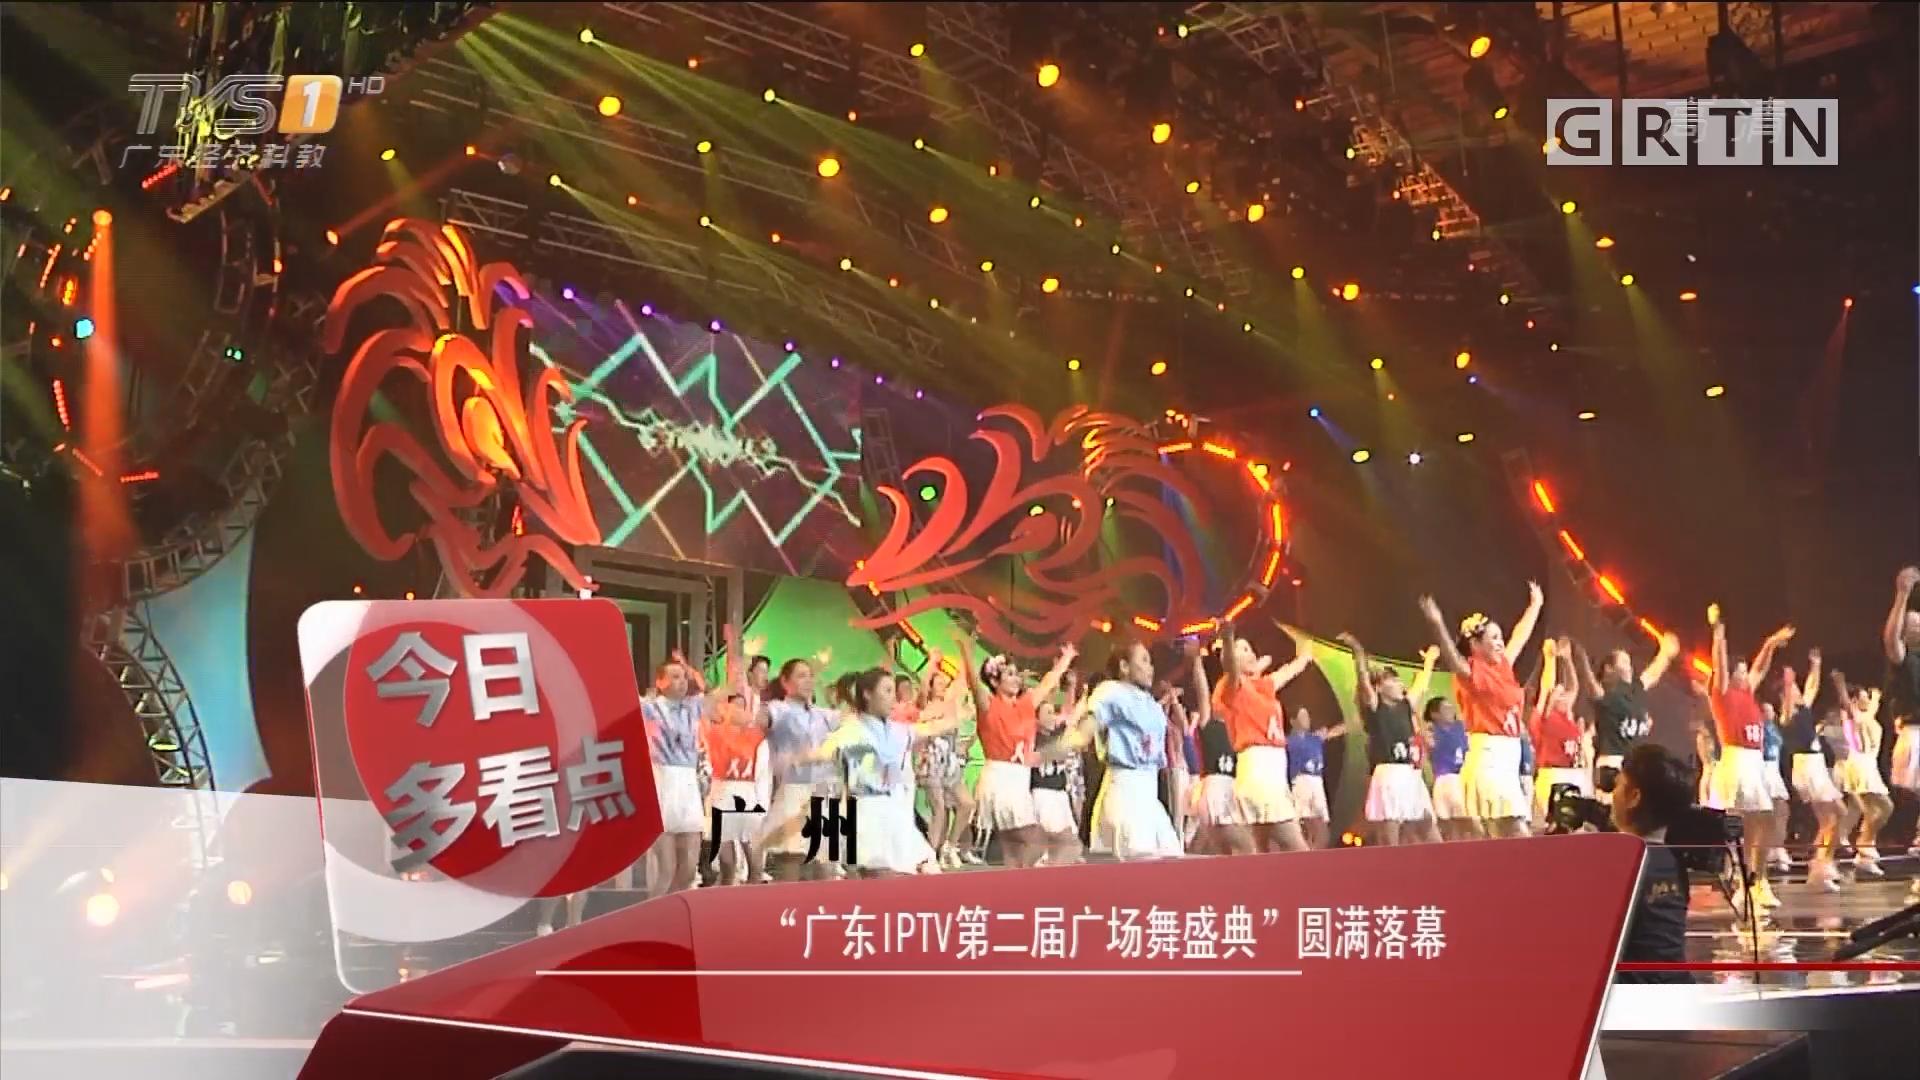 """广州:""""广东IPTV第二届广场舞盛典""""圆满落幕"""